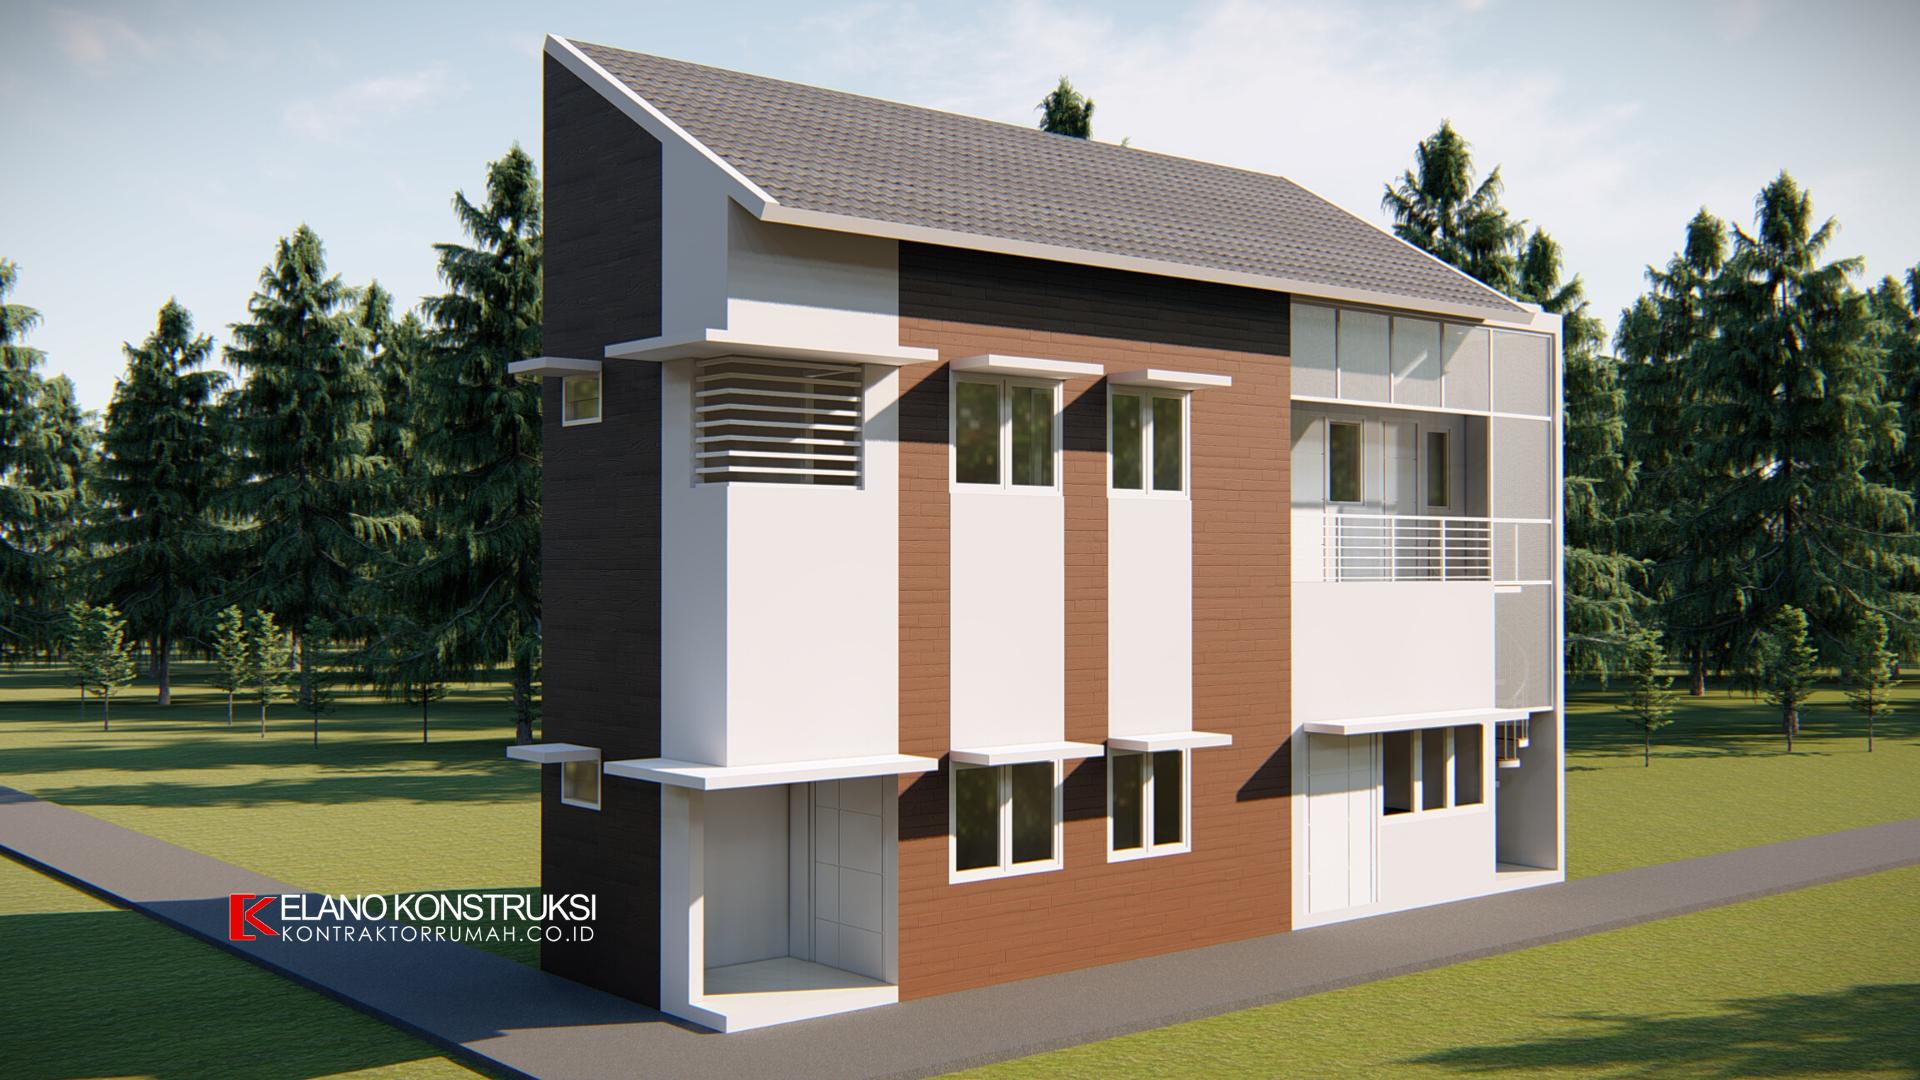 Untitled design 6 - Desain Rumah Kos Bapak Dede 72 M2 Jakarta Selatan